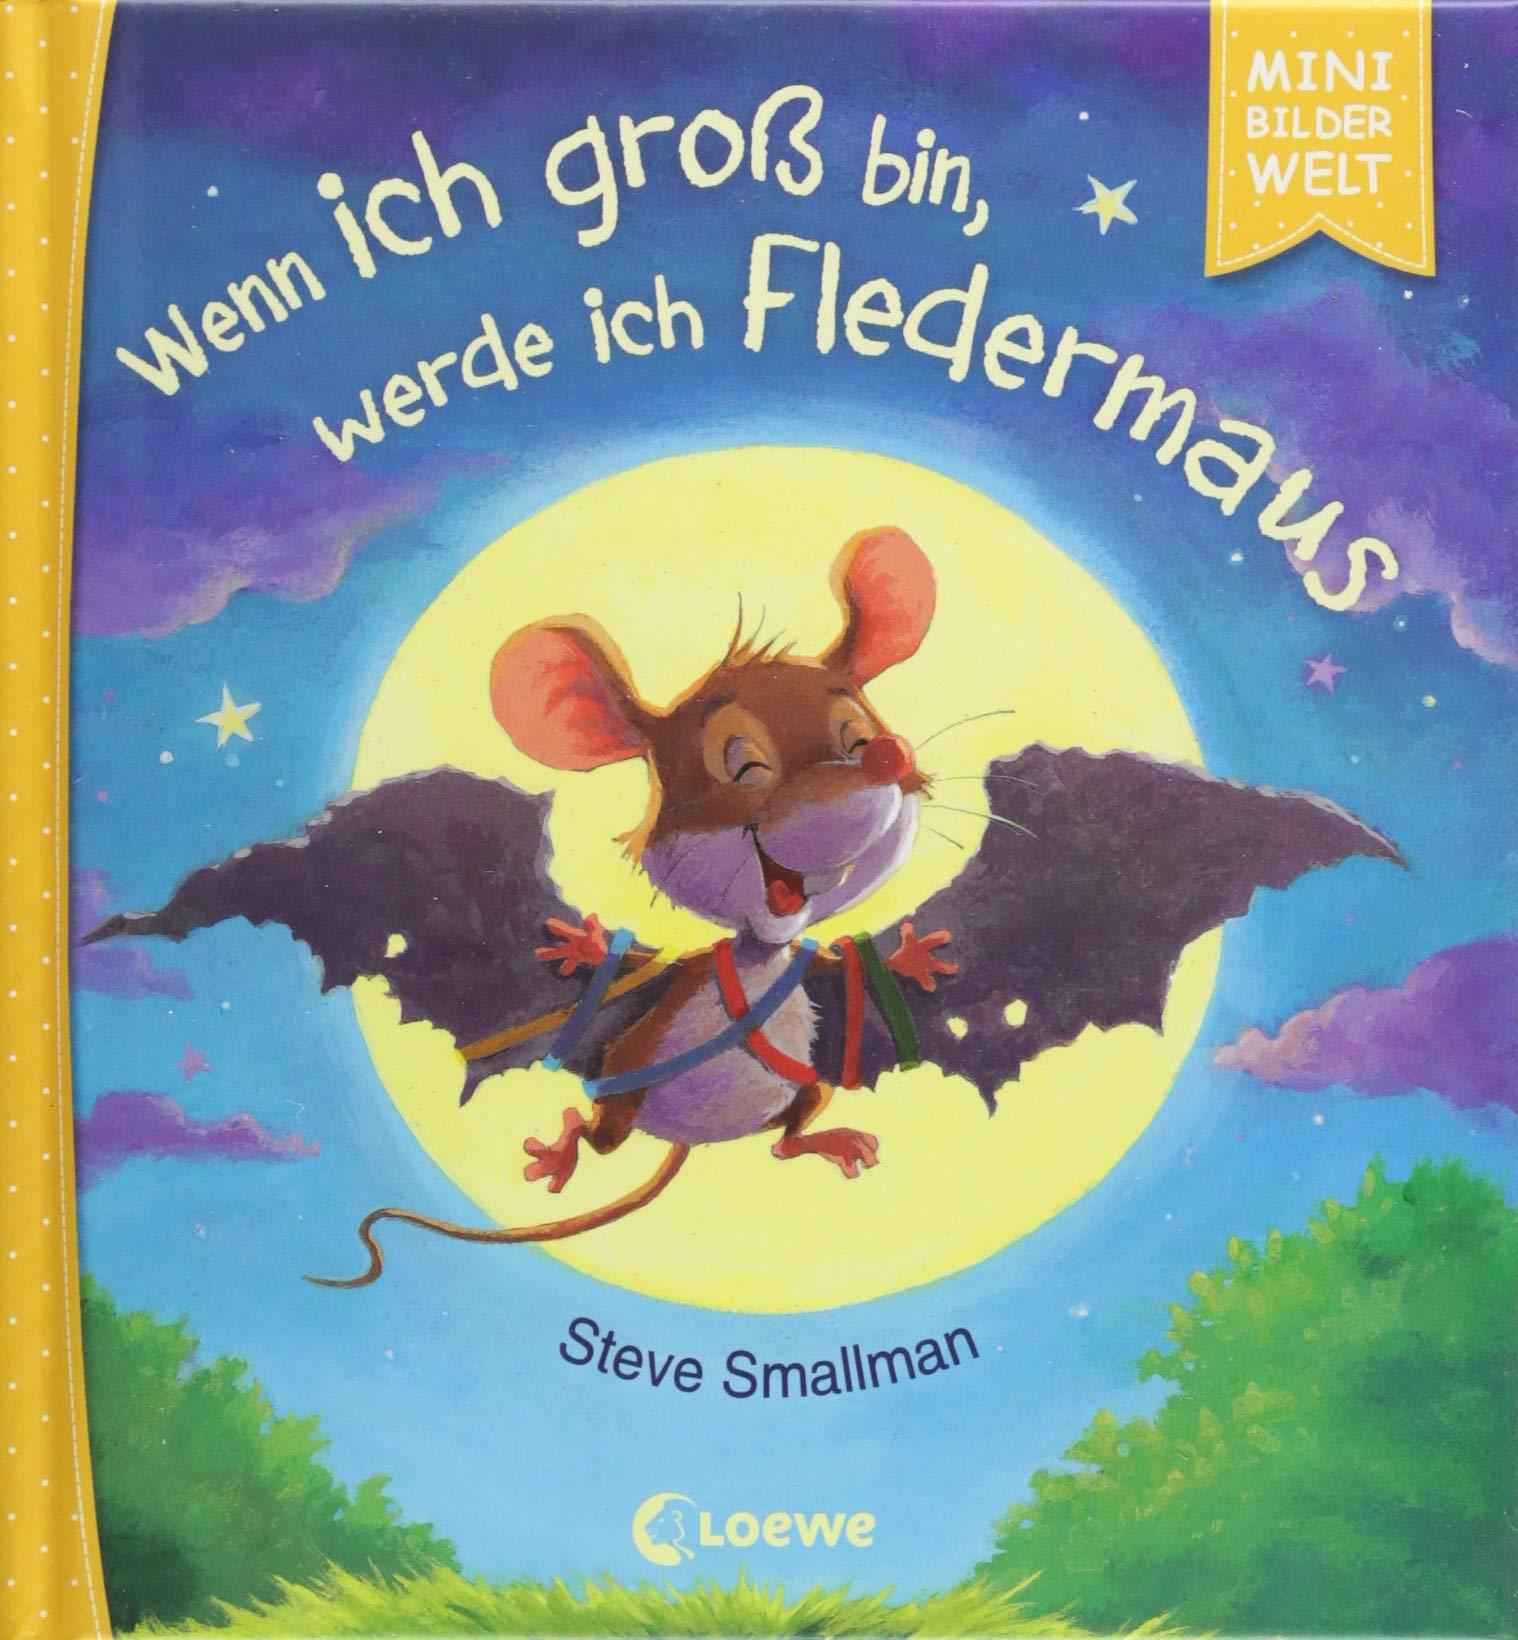 Mini-Bilderwelt - Wenn ich groß bin, werde ich Fledermaus Gebundenes Buch – 17. September 2018 Steve Smallman Mareike Schlensog Loewe 3743202050